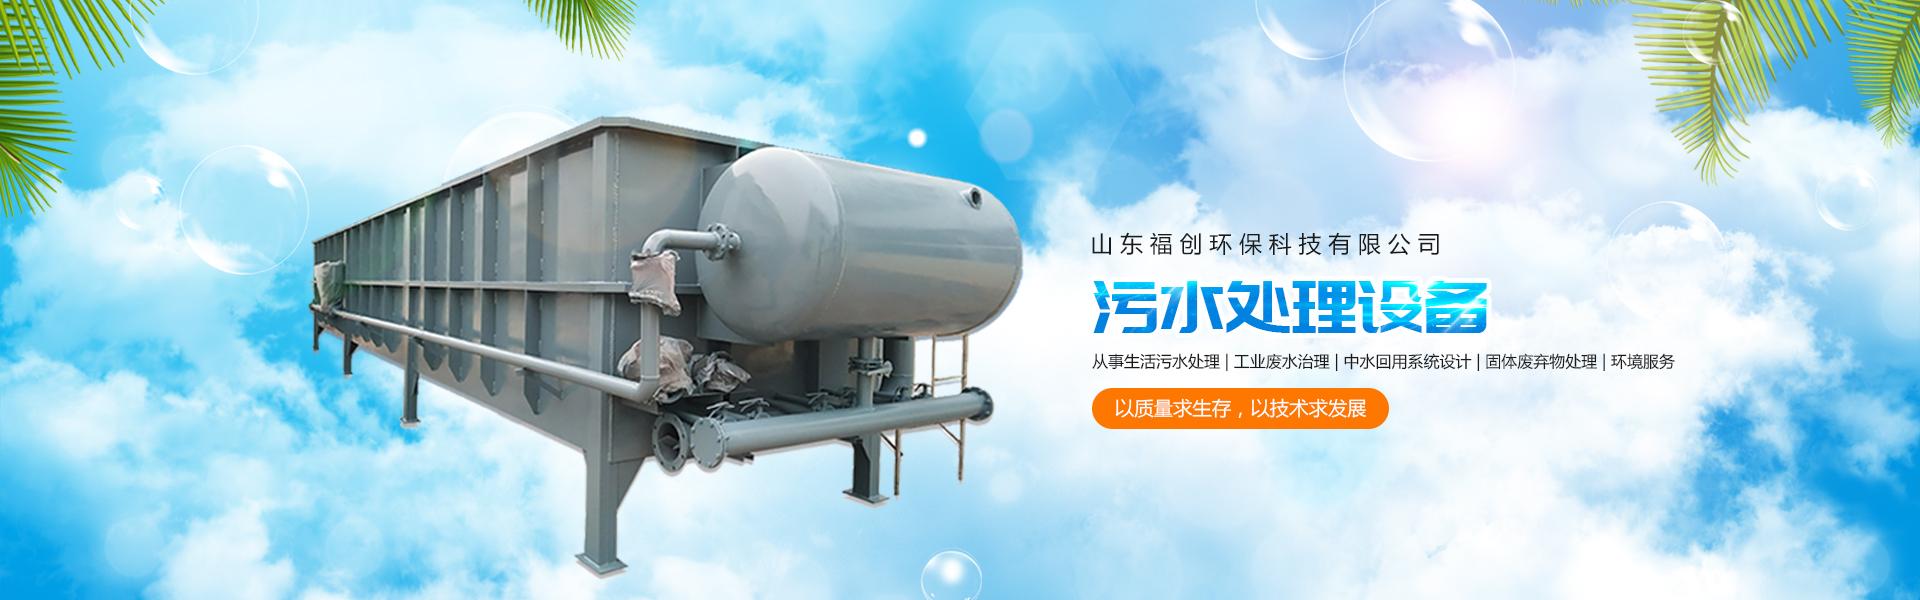 山東福創環保科技有限公司是一家集環保產品研發、設計、制造、銷售及安裝服務于一體的綜合性高新技術環保企業。專注從事生活污水處理、工業廢水治理、中水回用系統設計、固體廢棄物處理、環境服務等業務。